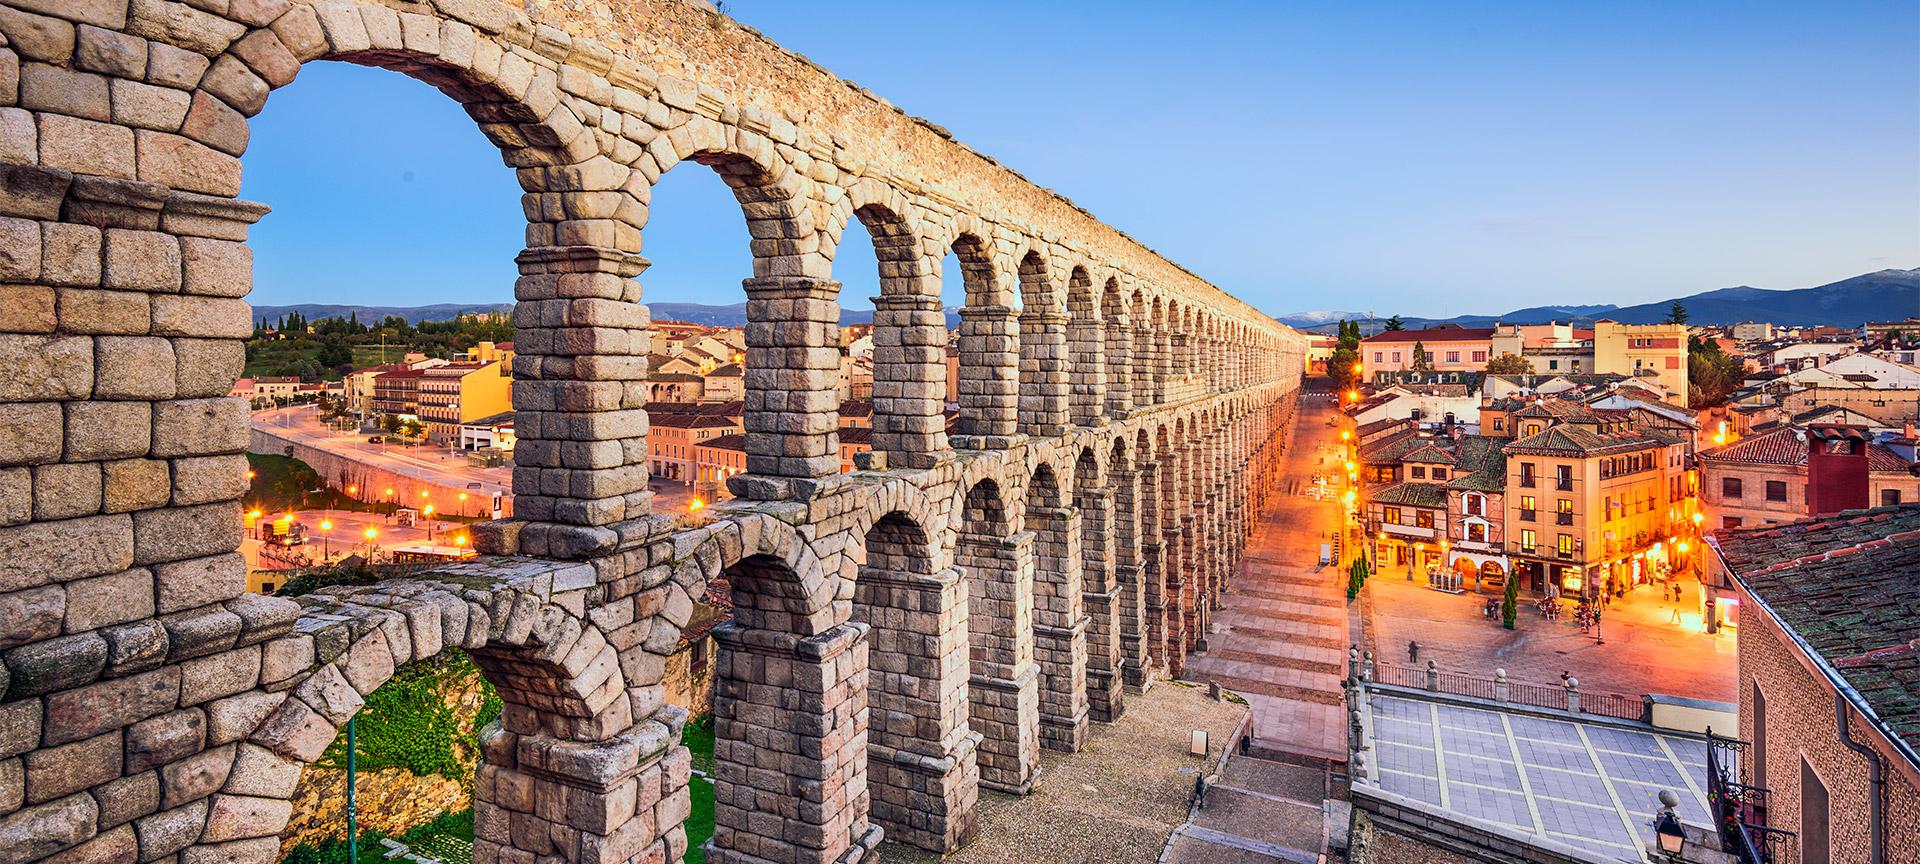 Visita Segovia in un giorno. Turismo nell'entroterra della Spagna    spain.info in italiano